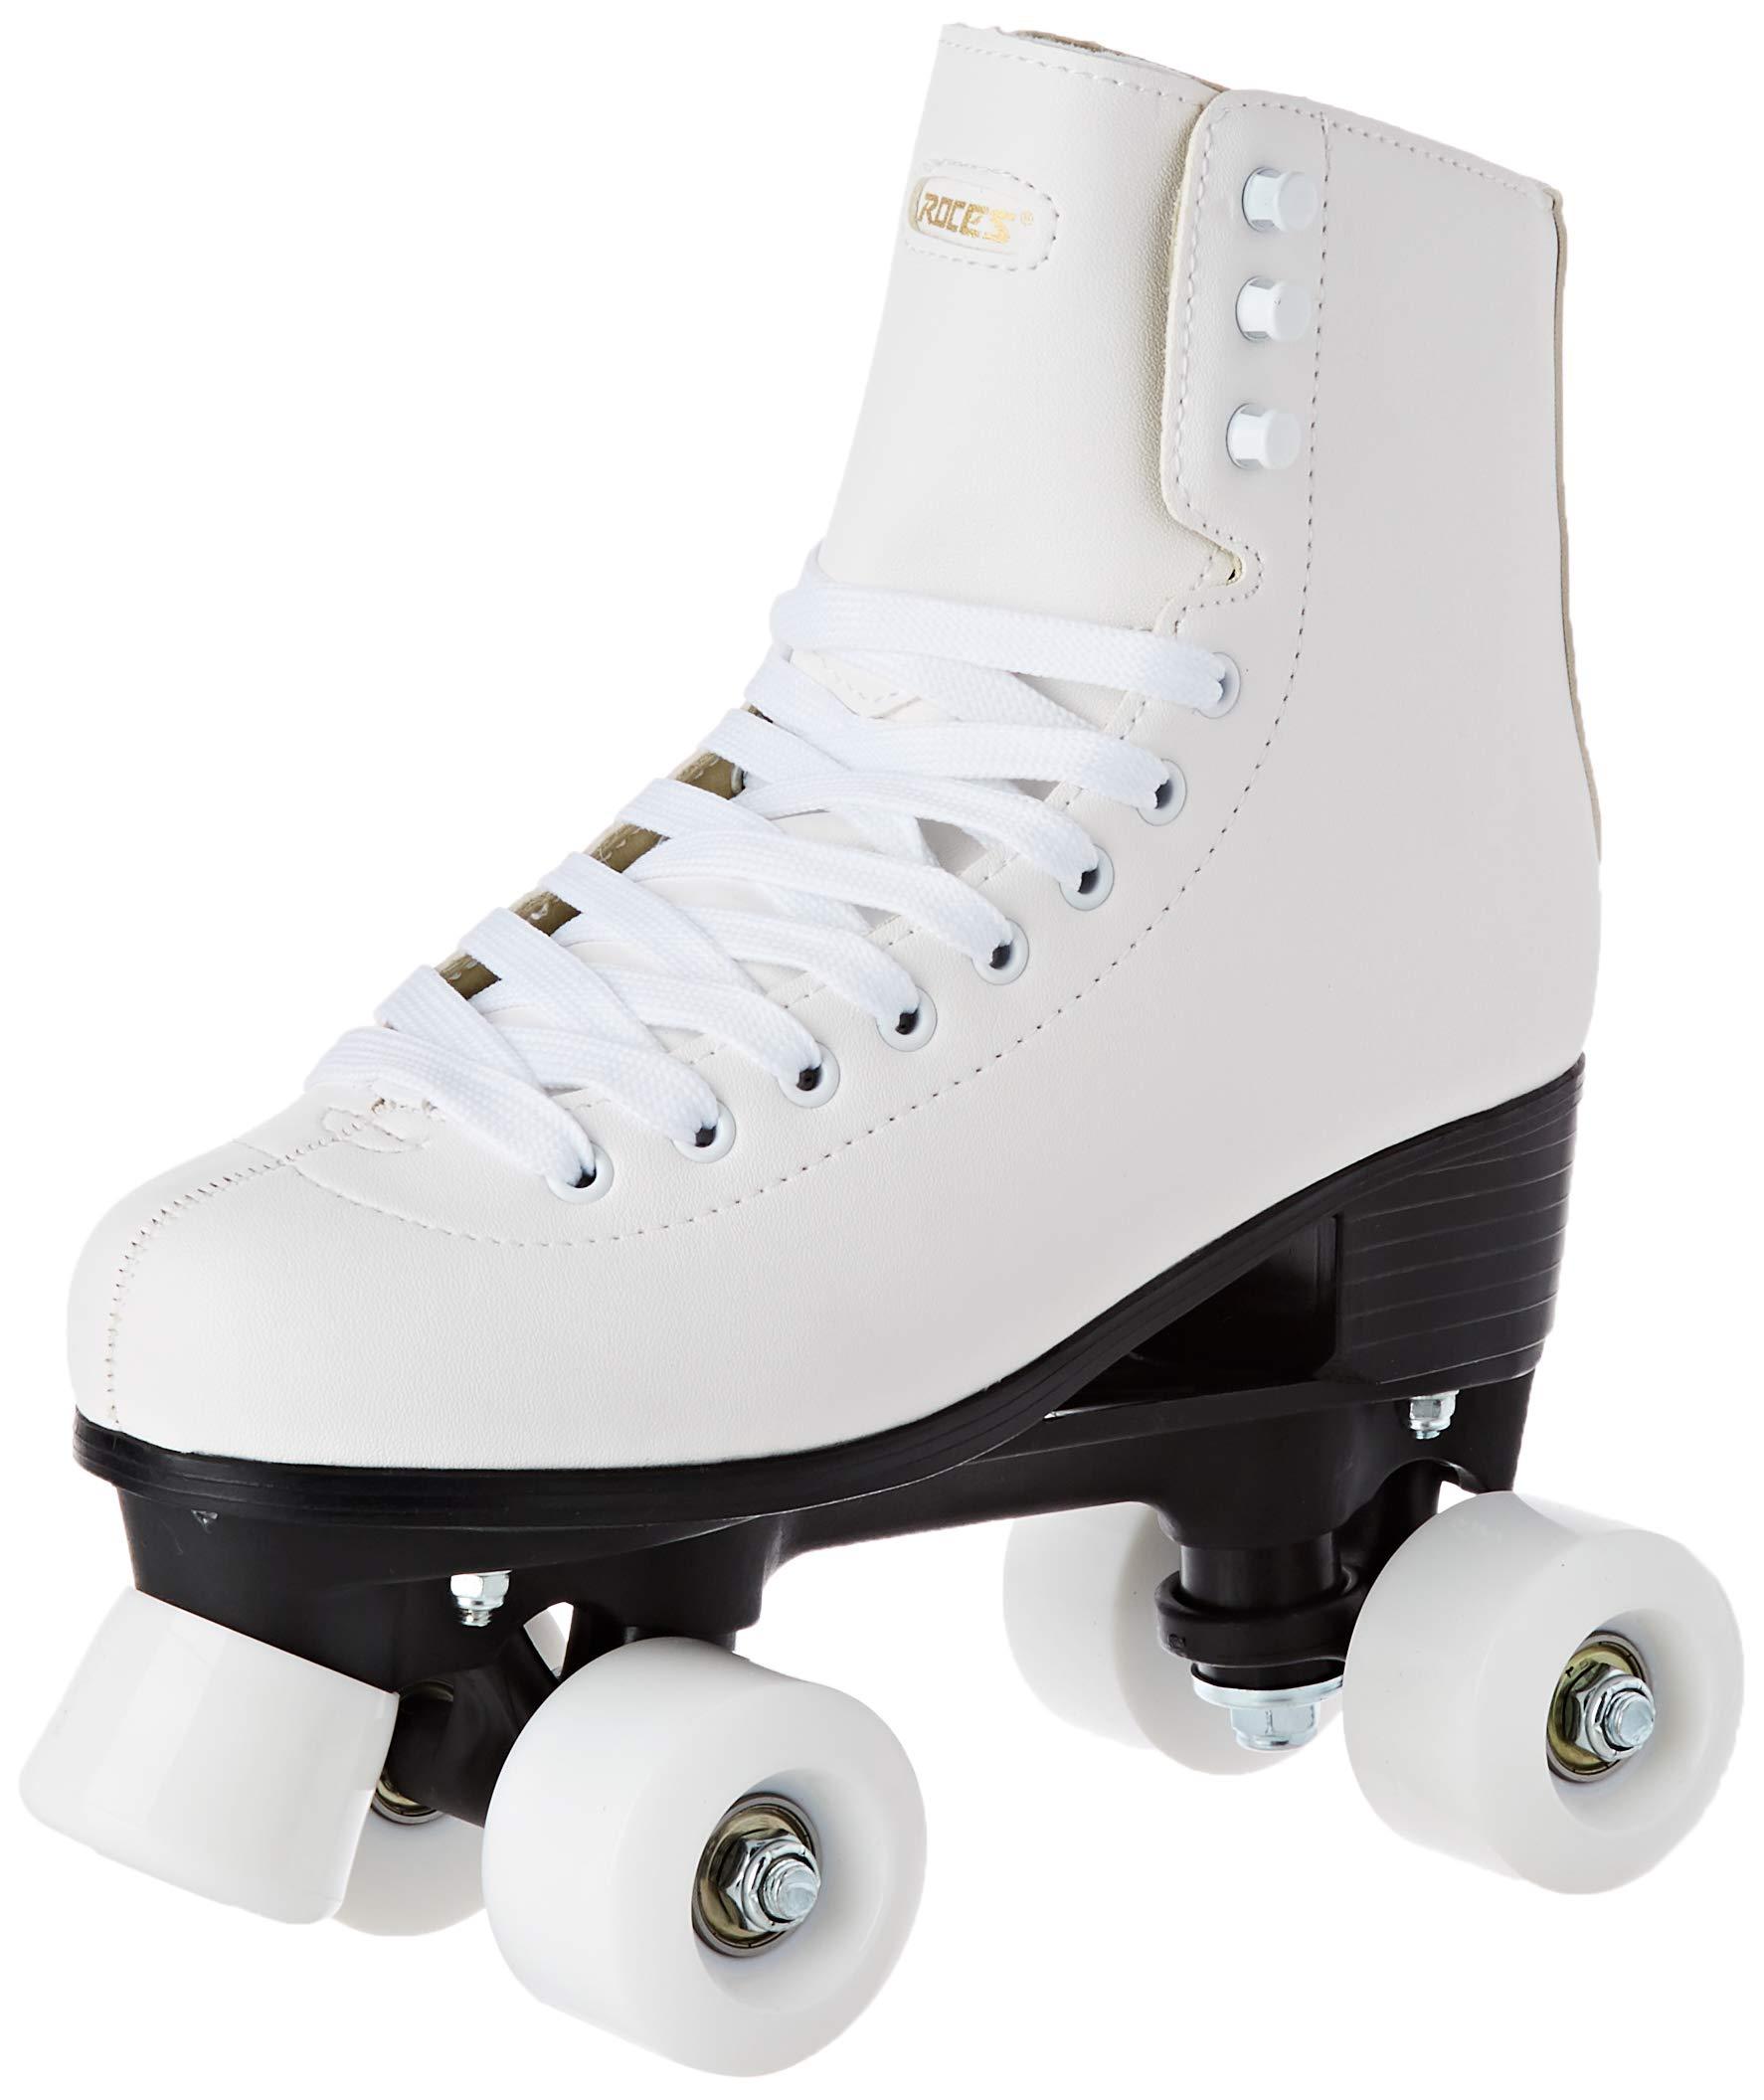 Rookie Rollerskates Artistic Skates Unisex Adult